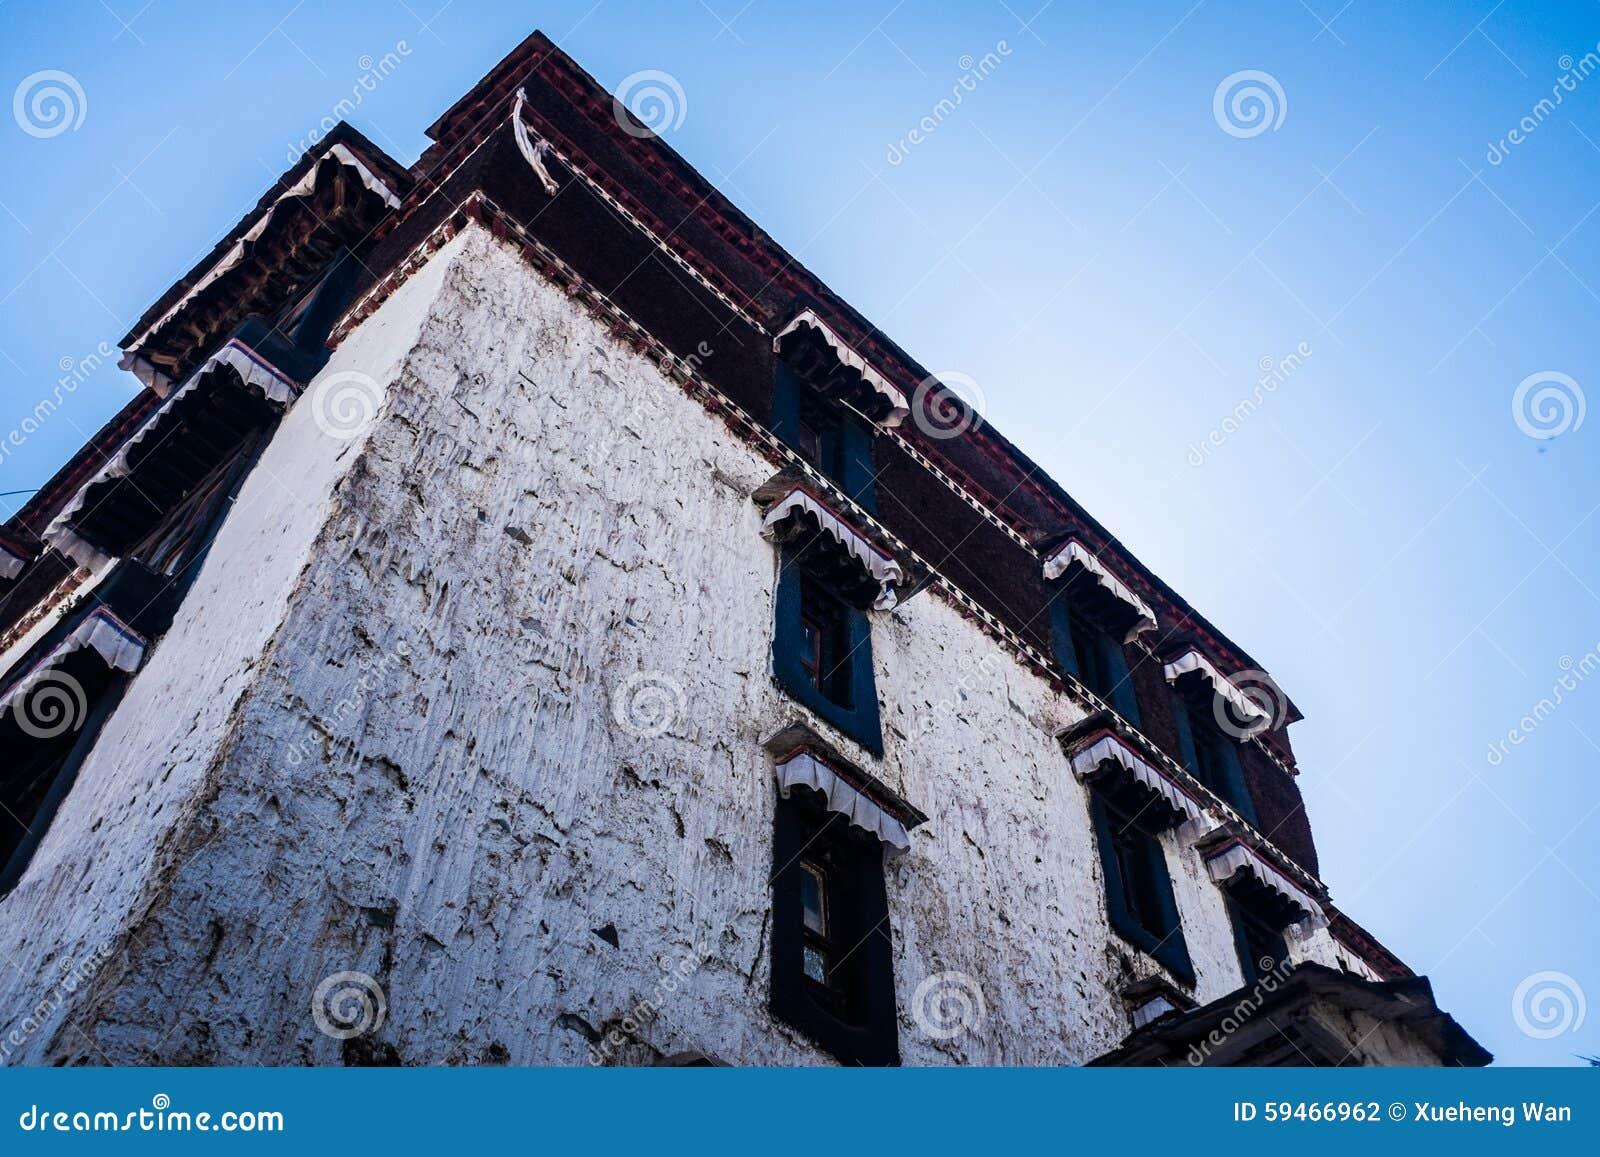 Tibetan architecture stock photo image 59466962 Architecture si